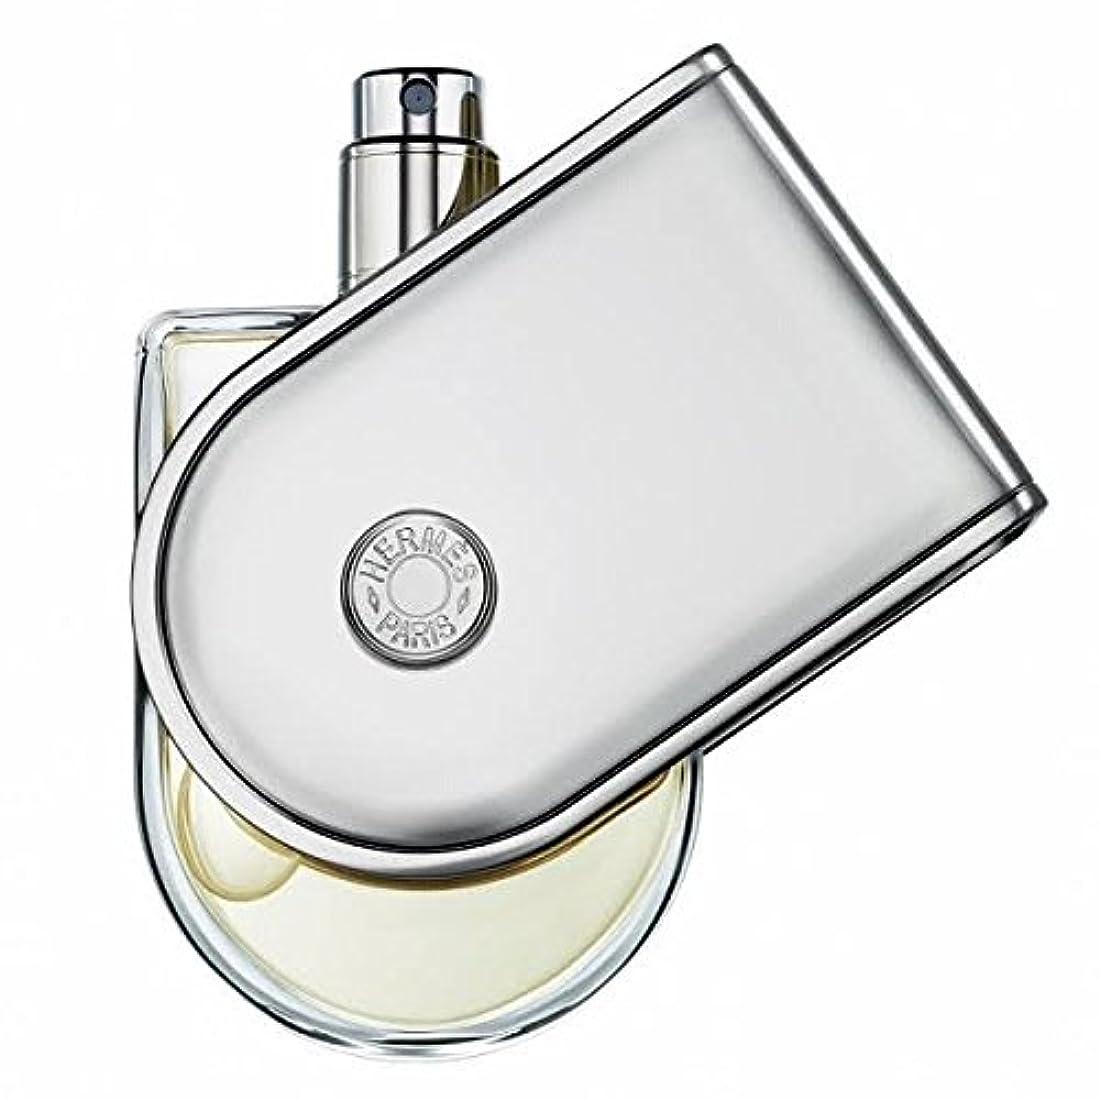 土砂降り学習者バンドルエルメス ヴォヤージュ ドゥ エルメス オードトワレ EDT ナチュラルスプレー 35mL 香水